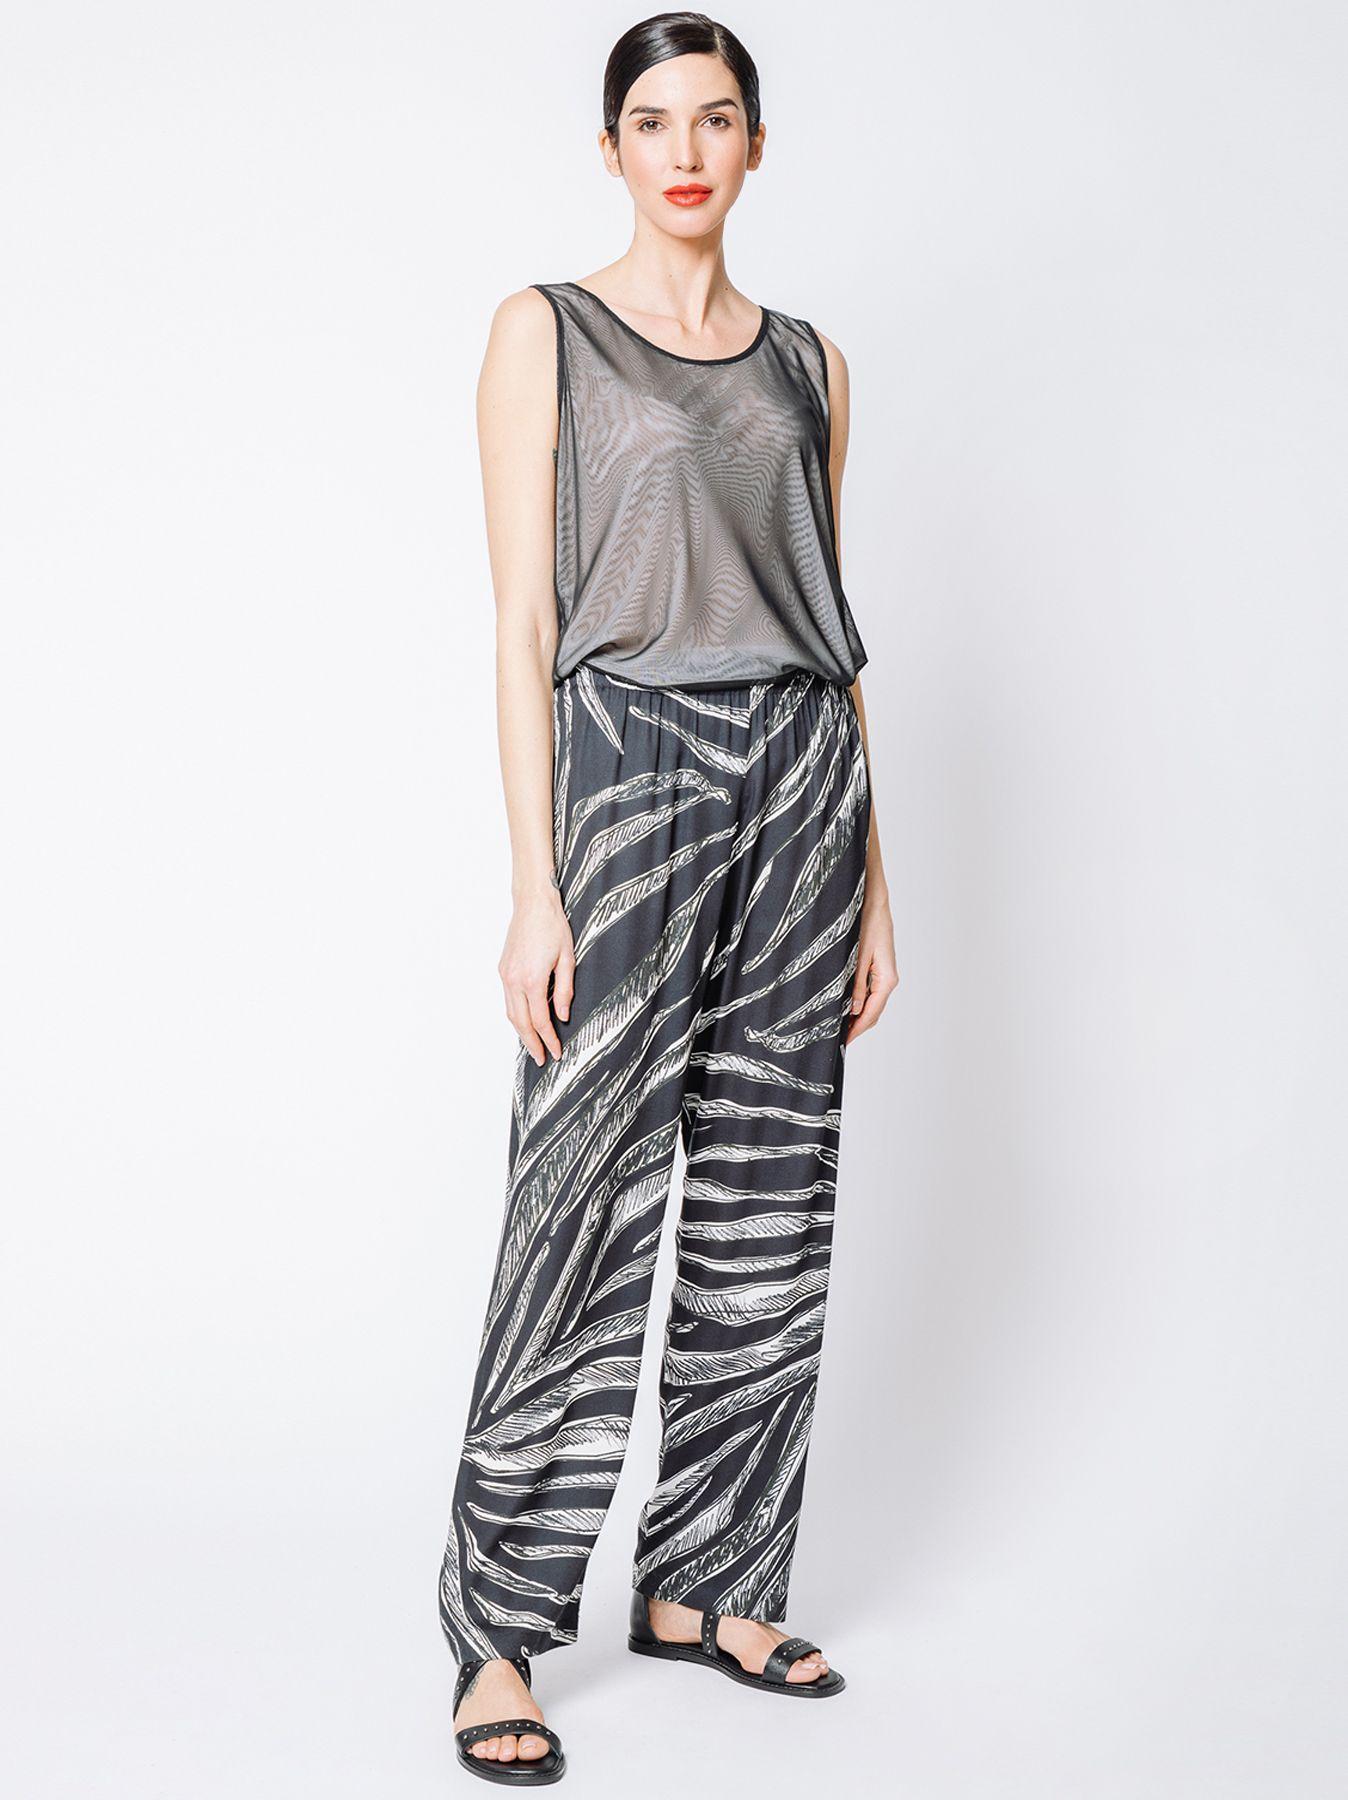 Pantalone morbido con stampa JUNGLE FEVER